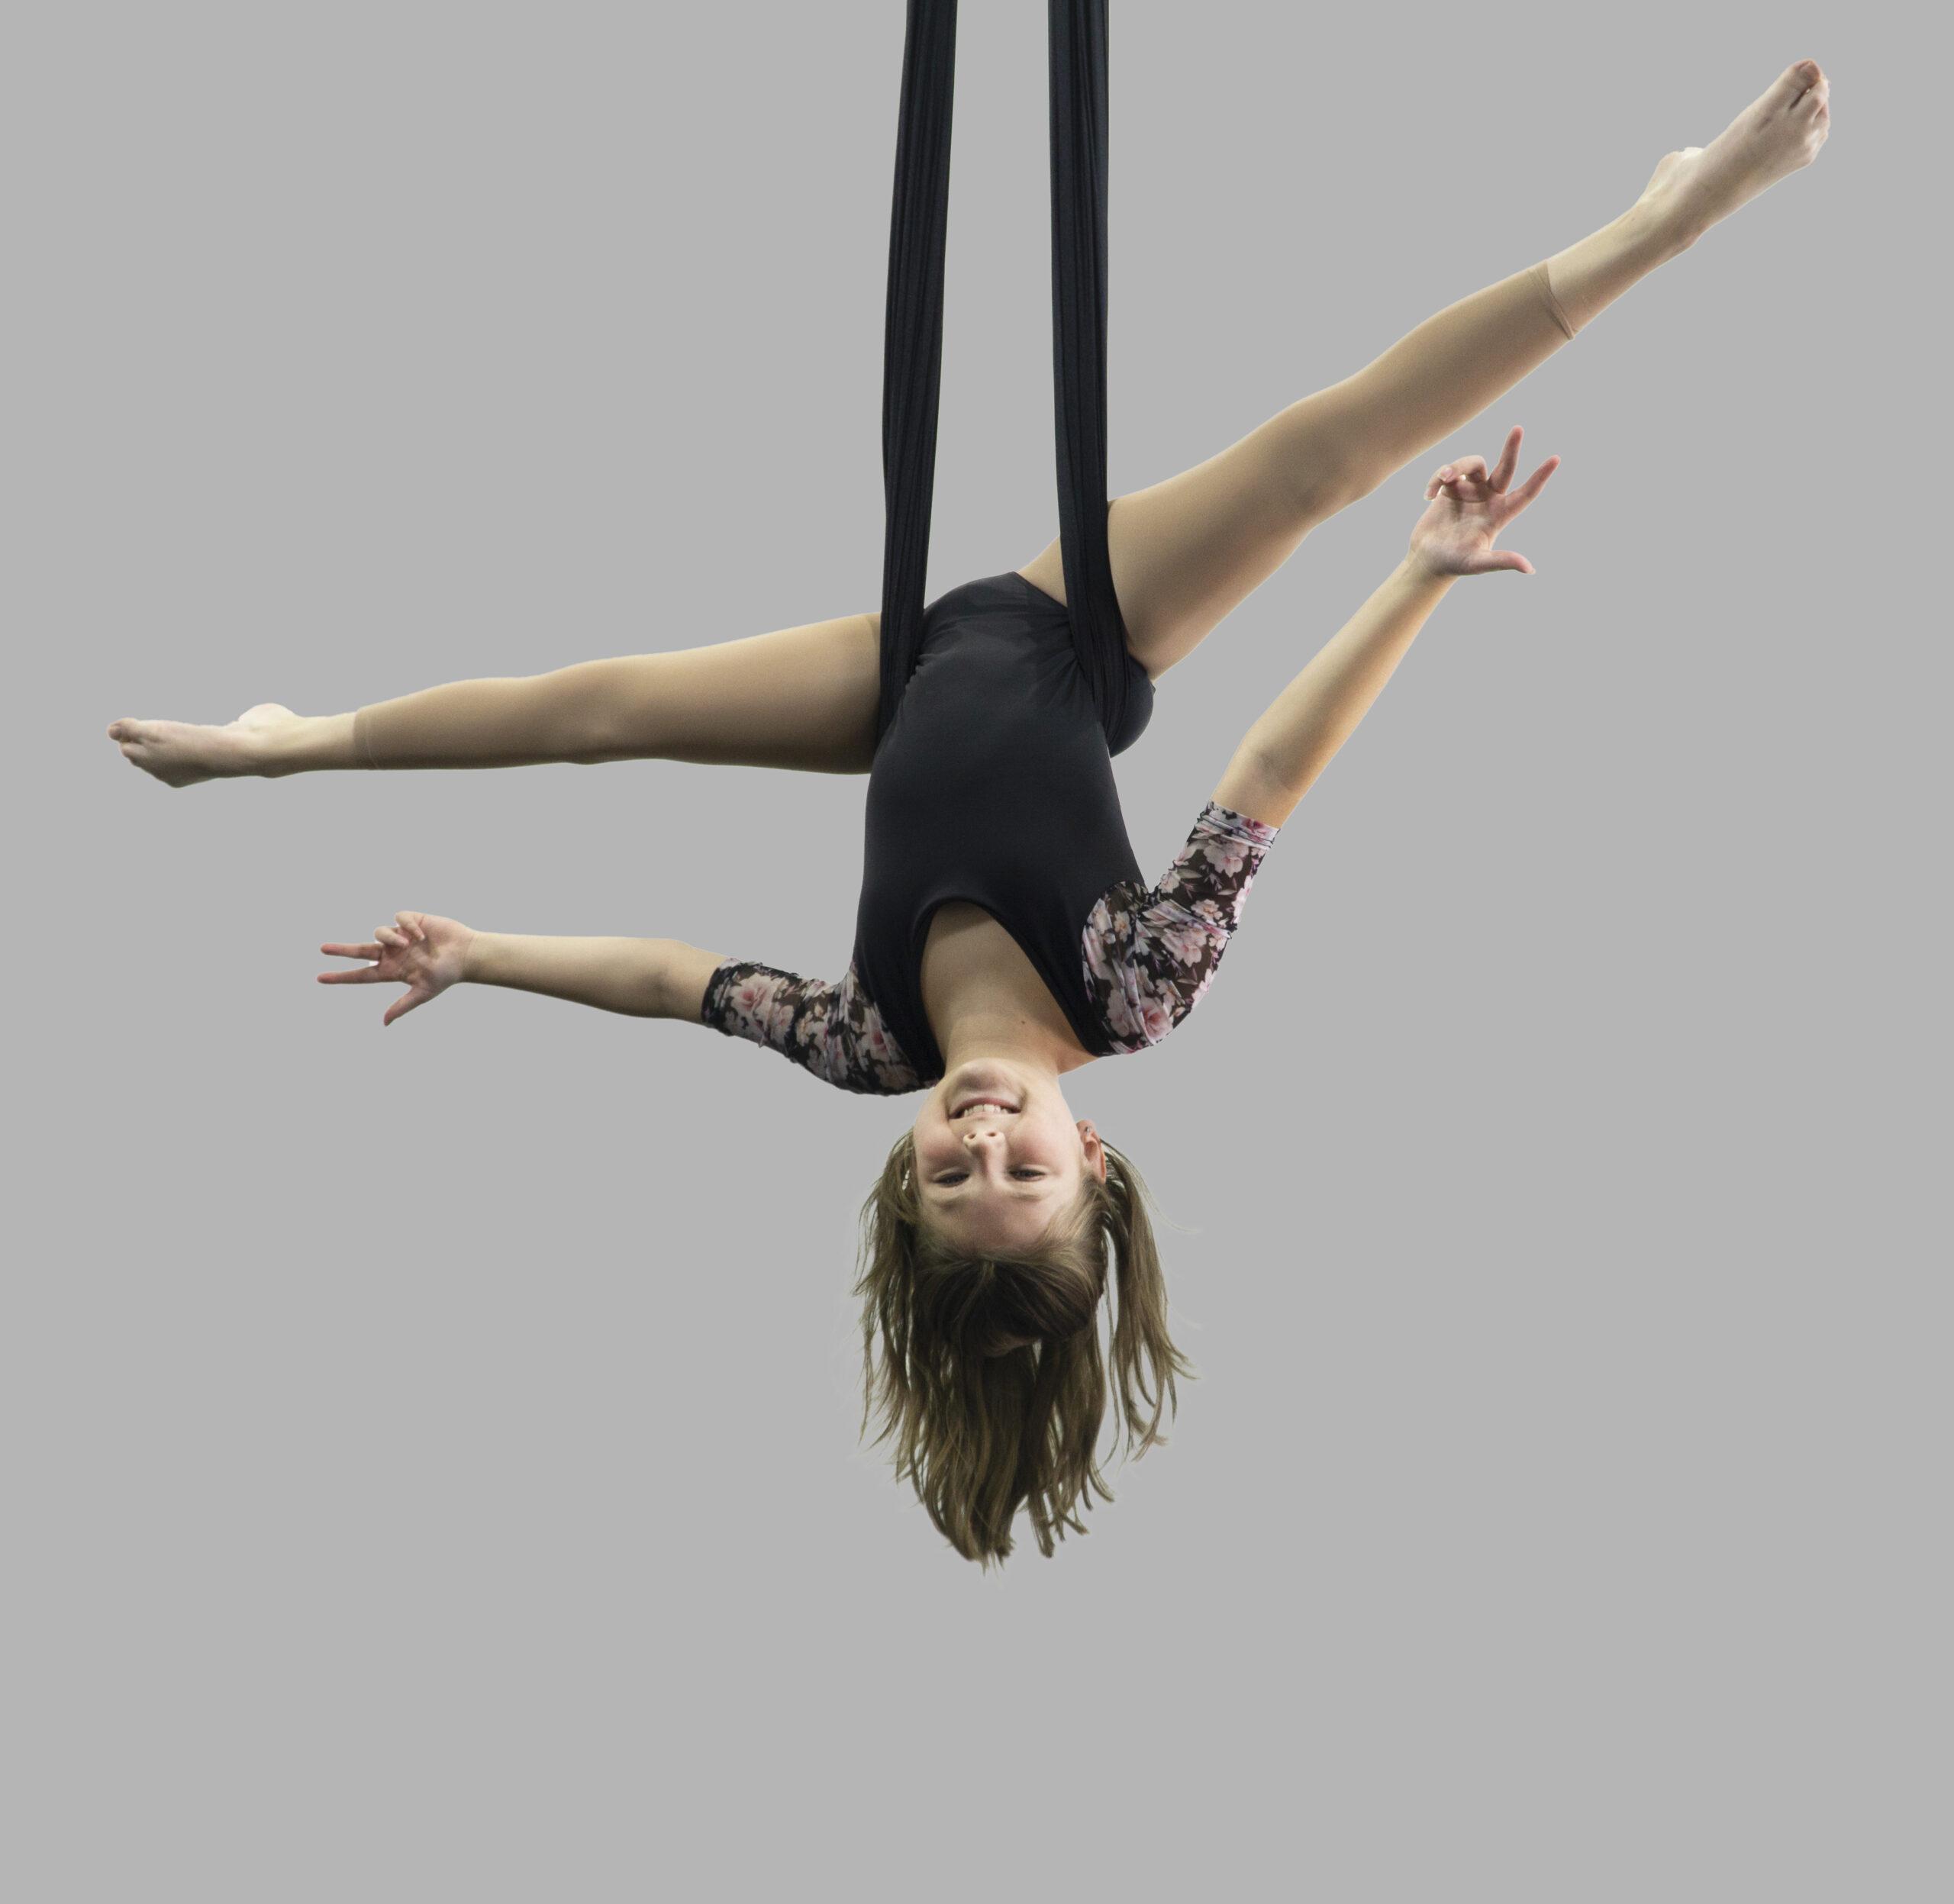 Pre-teen aerial dance student performing on silks